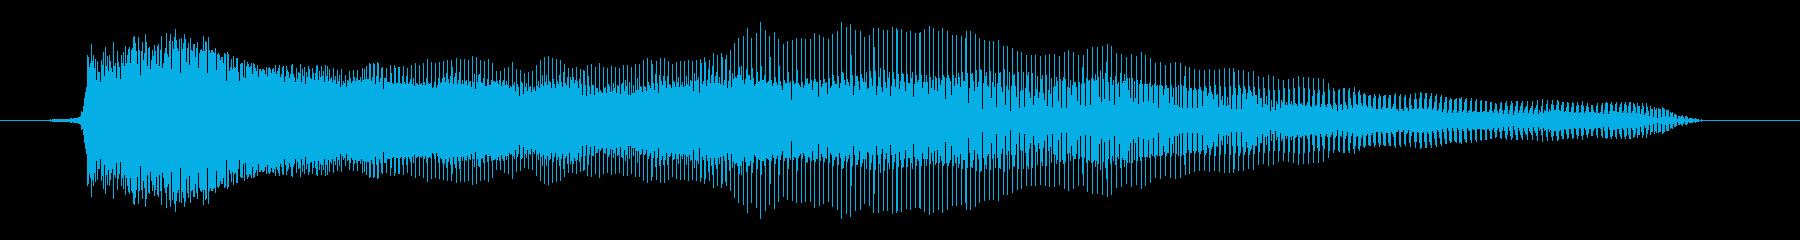 おならの音の再生済みの波形